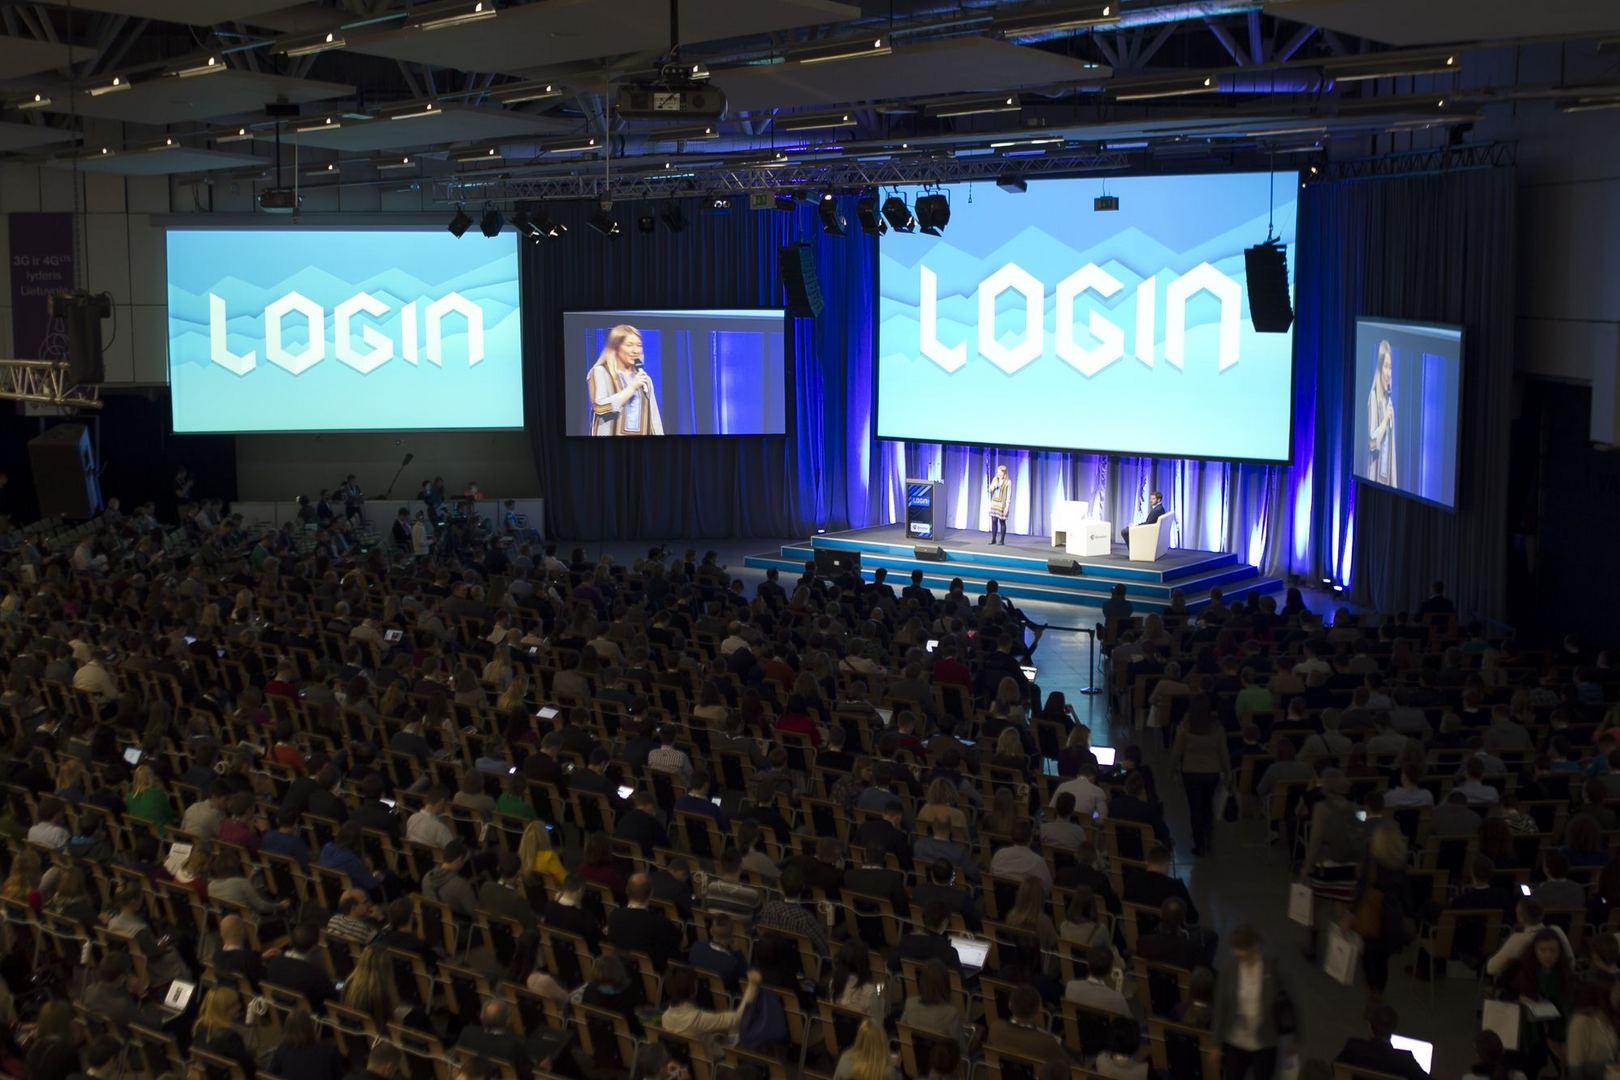 Technologijų ir inovacijų festivaliu virstantis LOGIN 2016: kas keis pasaulį kitąmet?